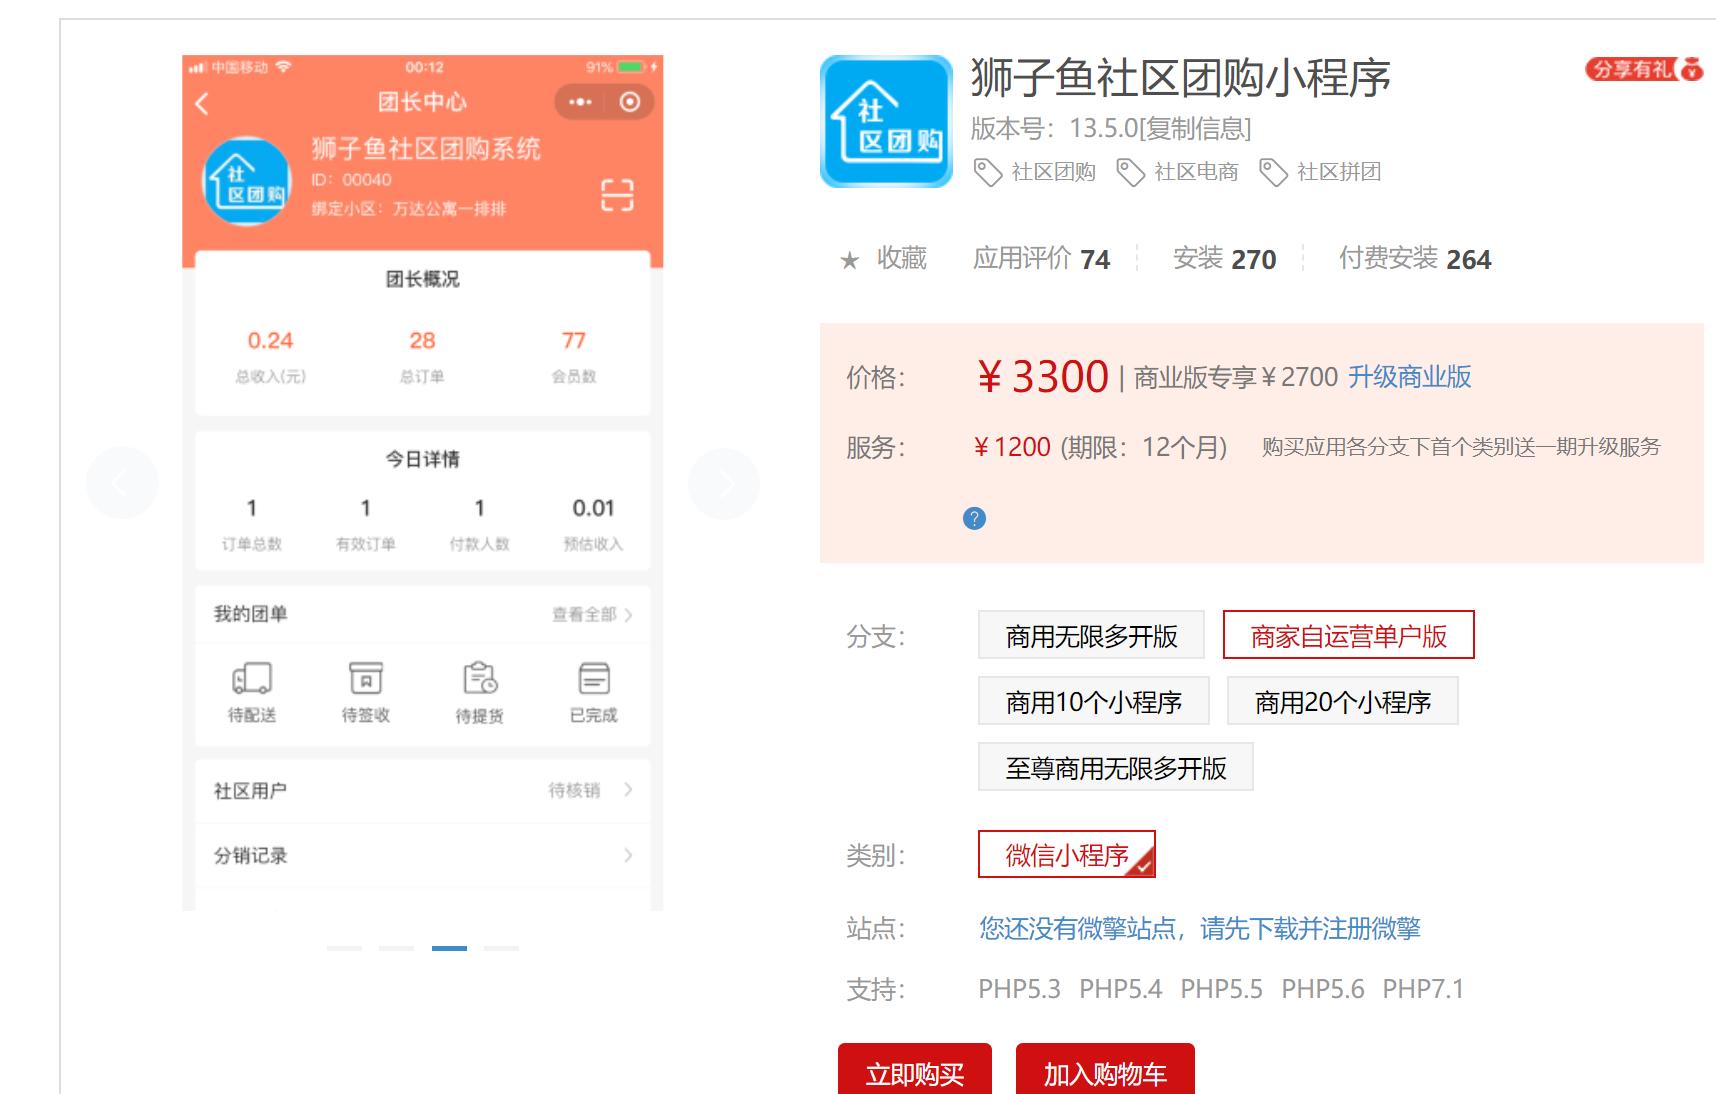 独立版狮子鱼社区团购小程序 V13.6.1_同步更新